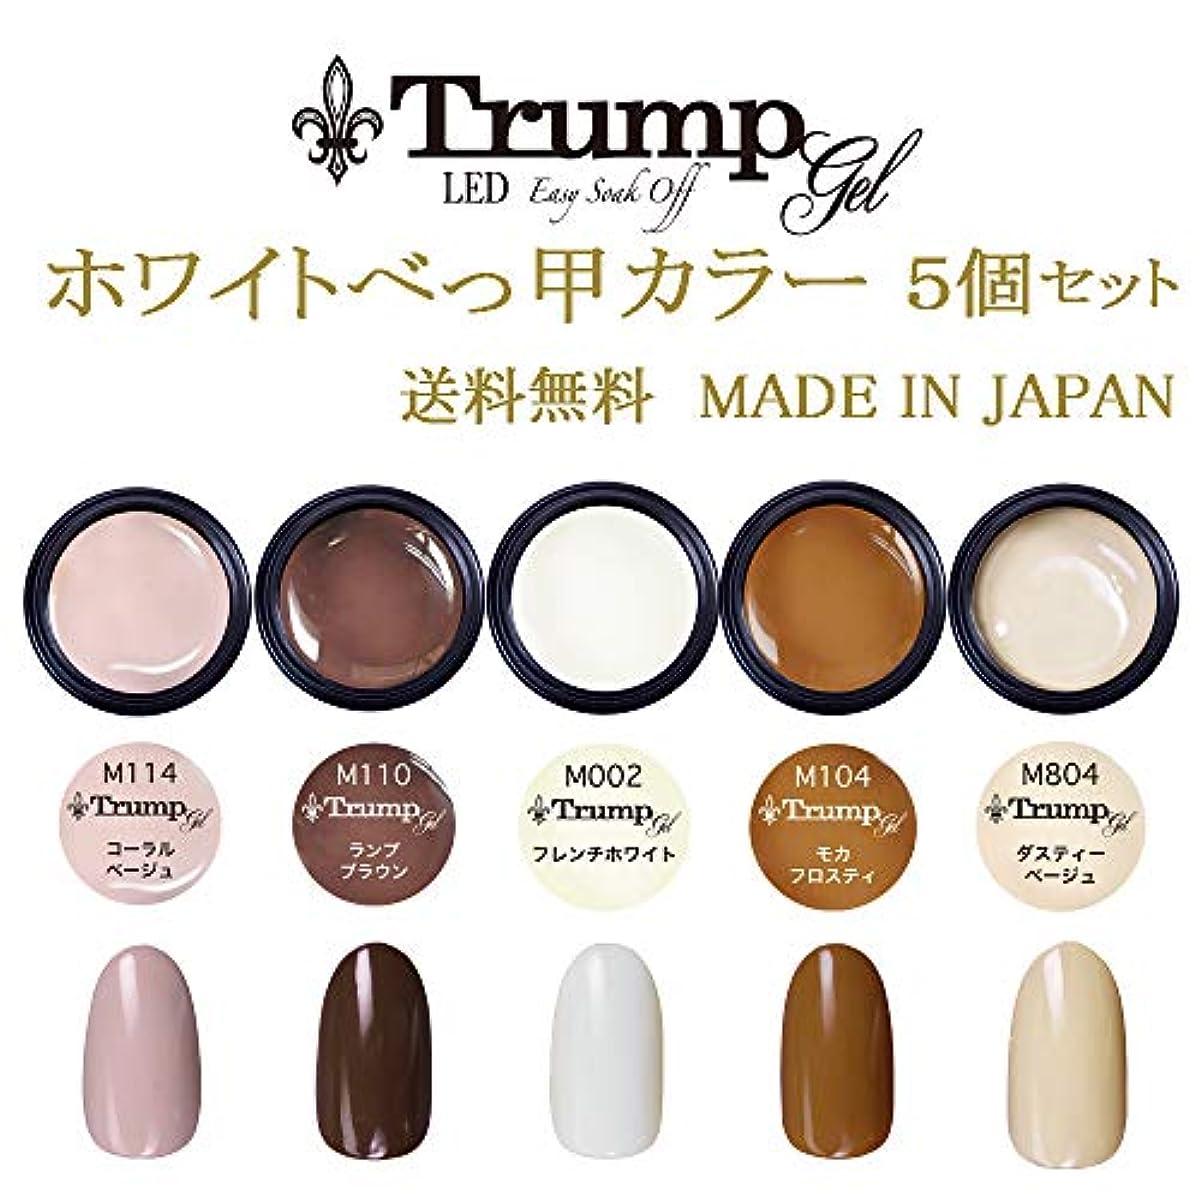 彫刻リード孤独な【送料無料】日本製 Trump gel トランプジェルホワイトべっ甲カラージェル 5個セット スタイリッシュでオシャレな 白べっ甲カラージェルセット